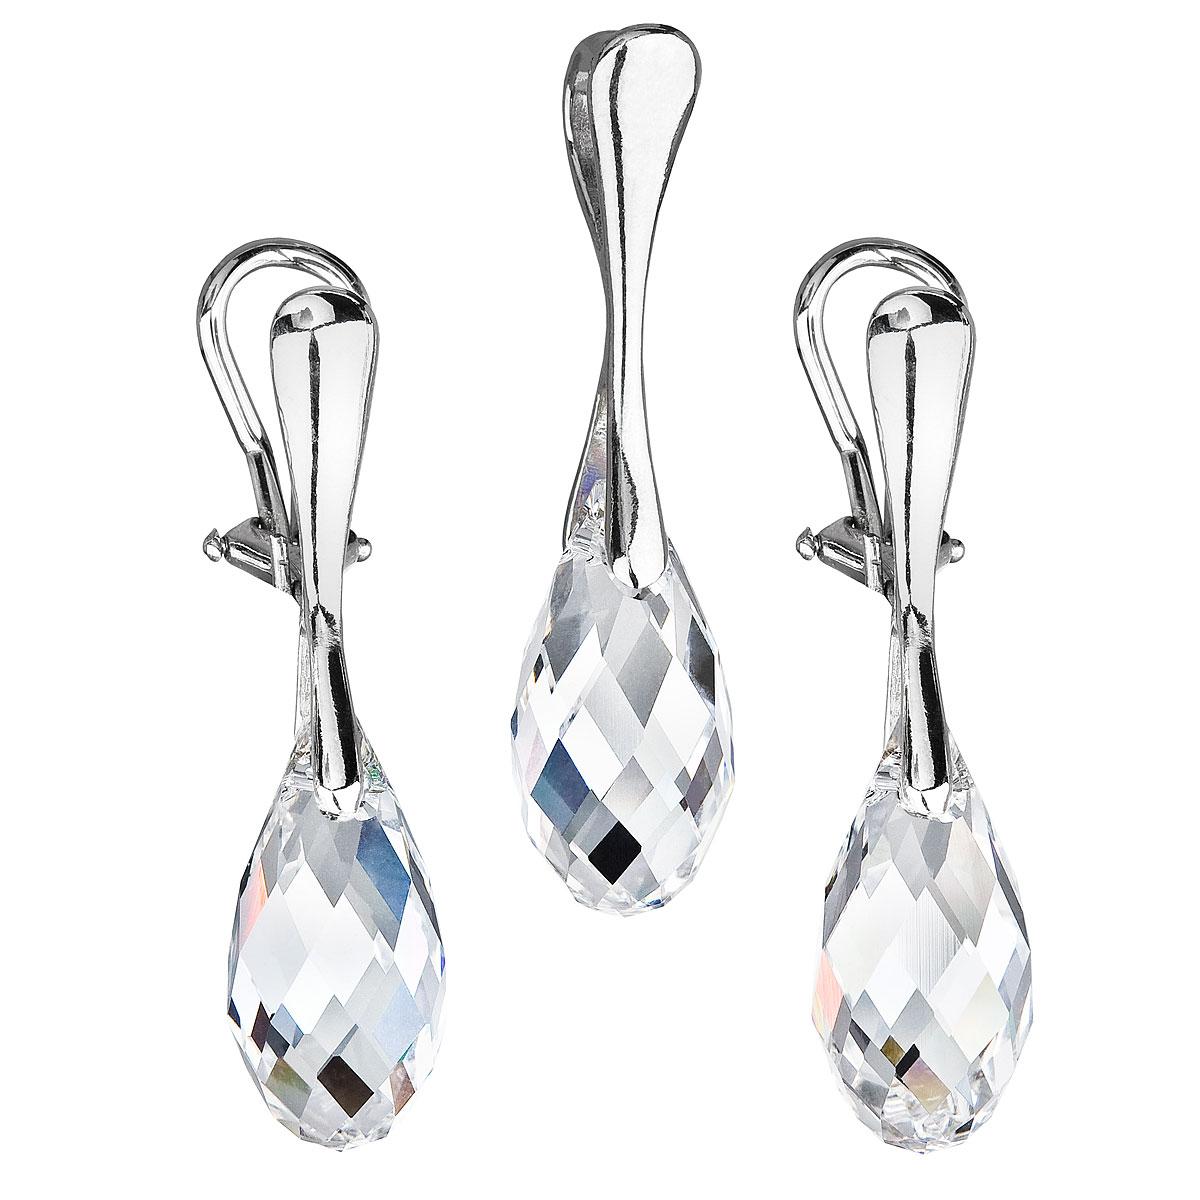 Sada šperkov s krištáľmi Swarovski náušnice a prívesok biela slza 39088.1